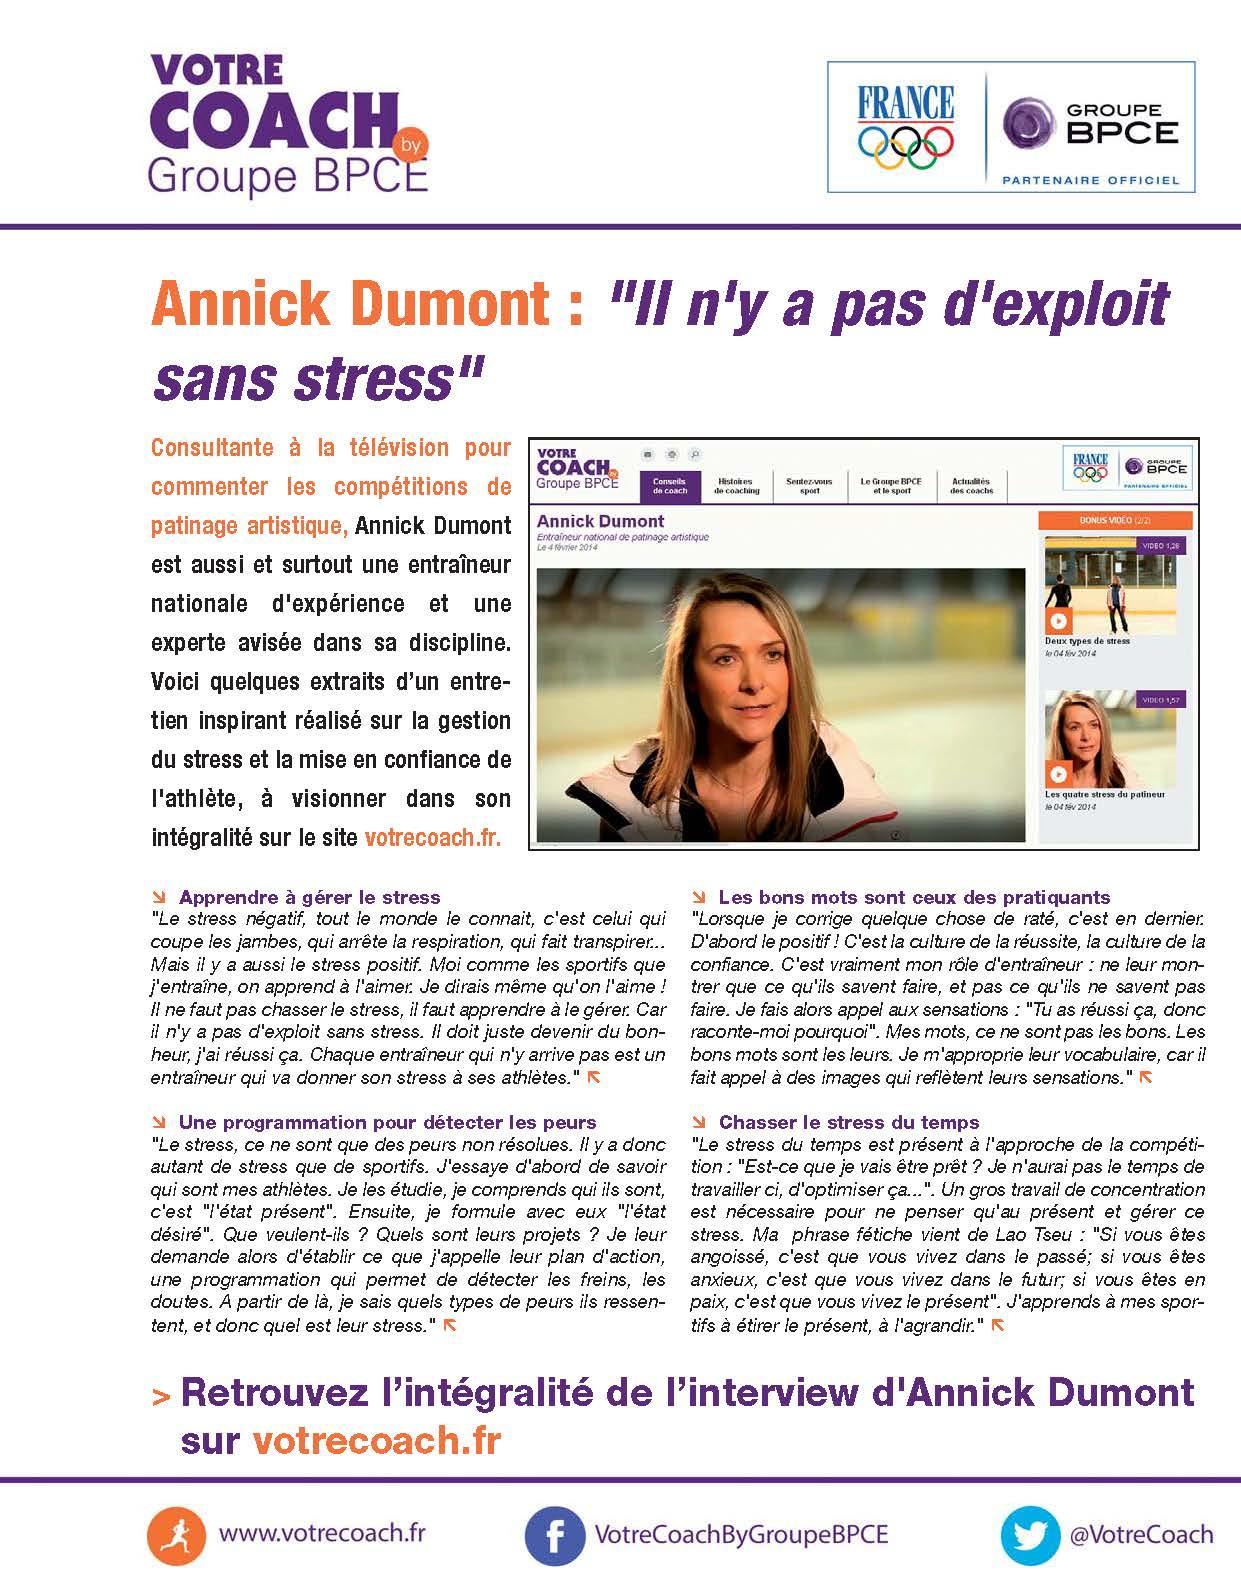 VOTRECOACH - Annick Dumont